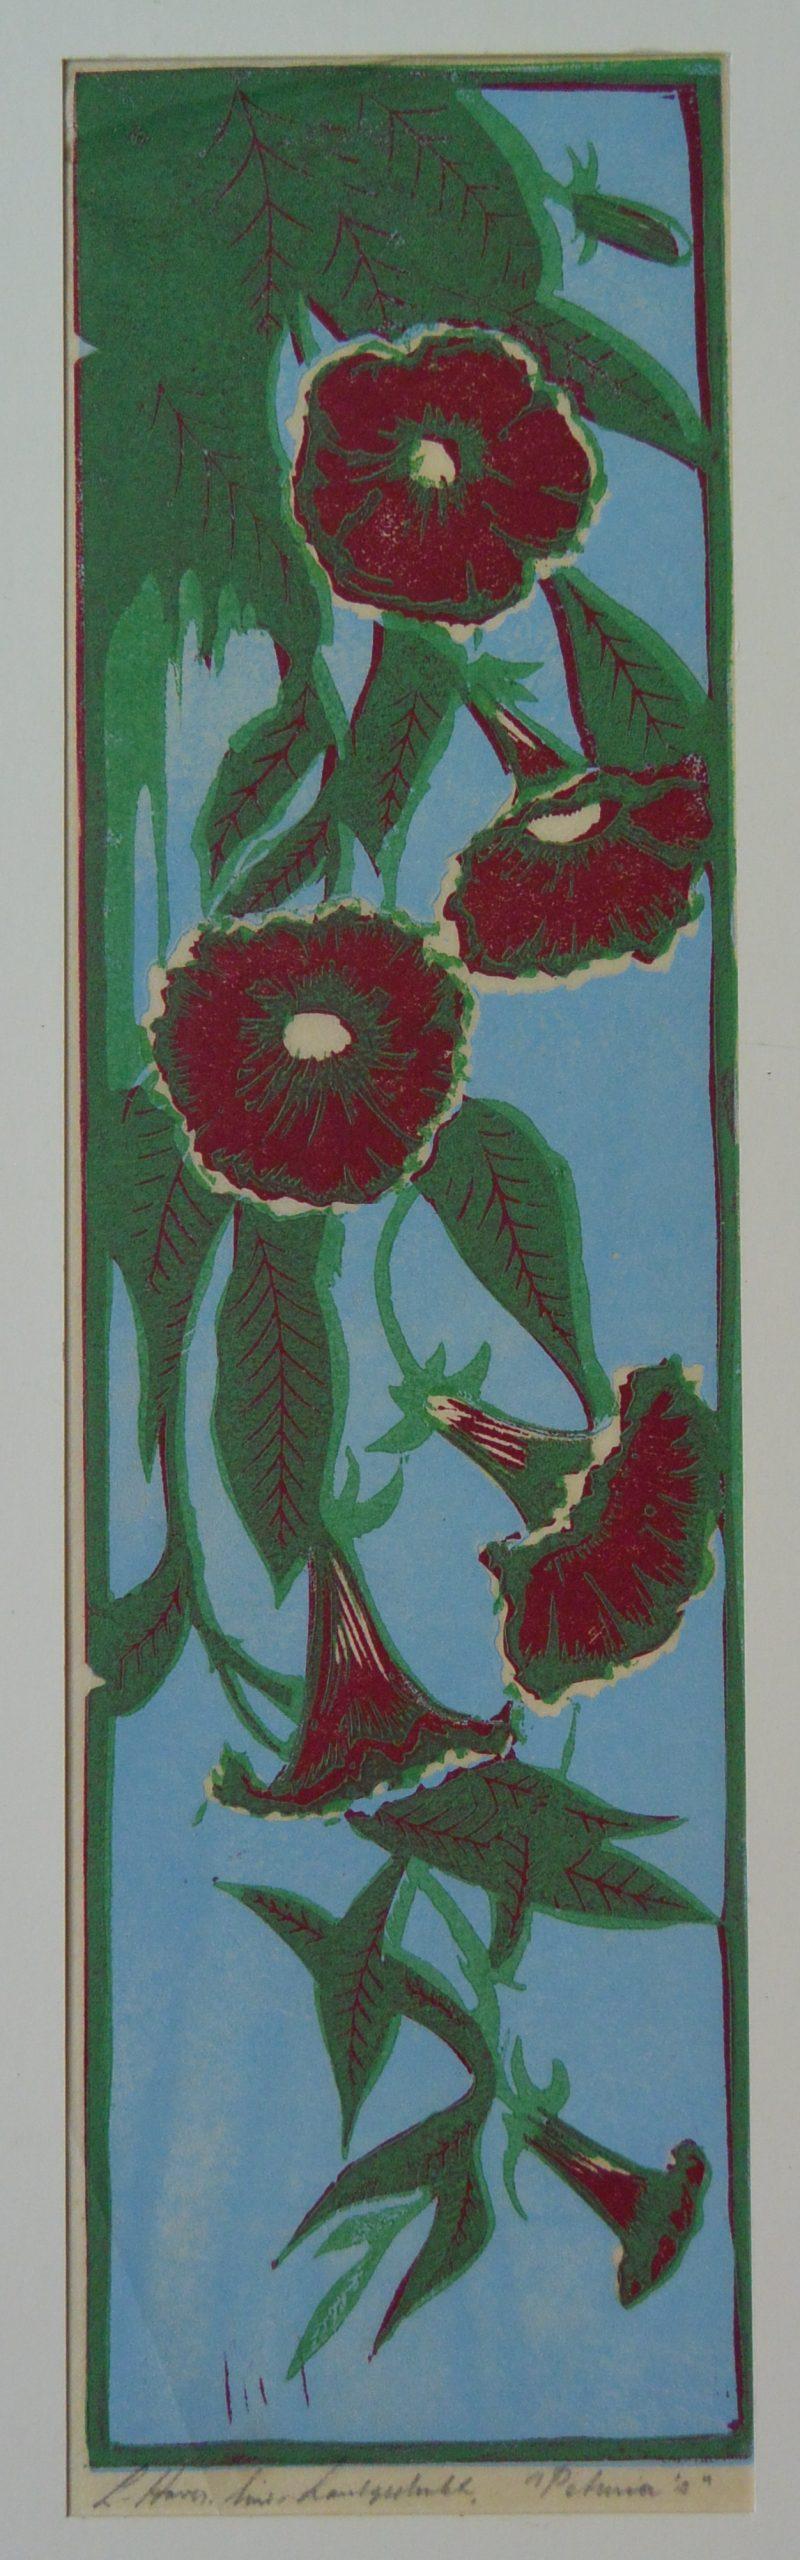 Bloemen-001 Petunia's